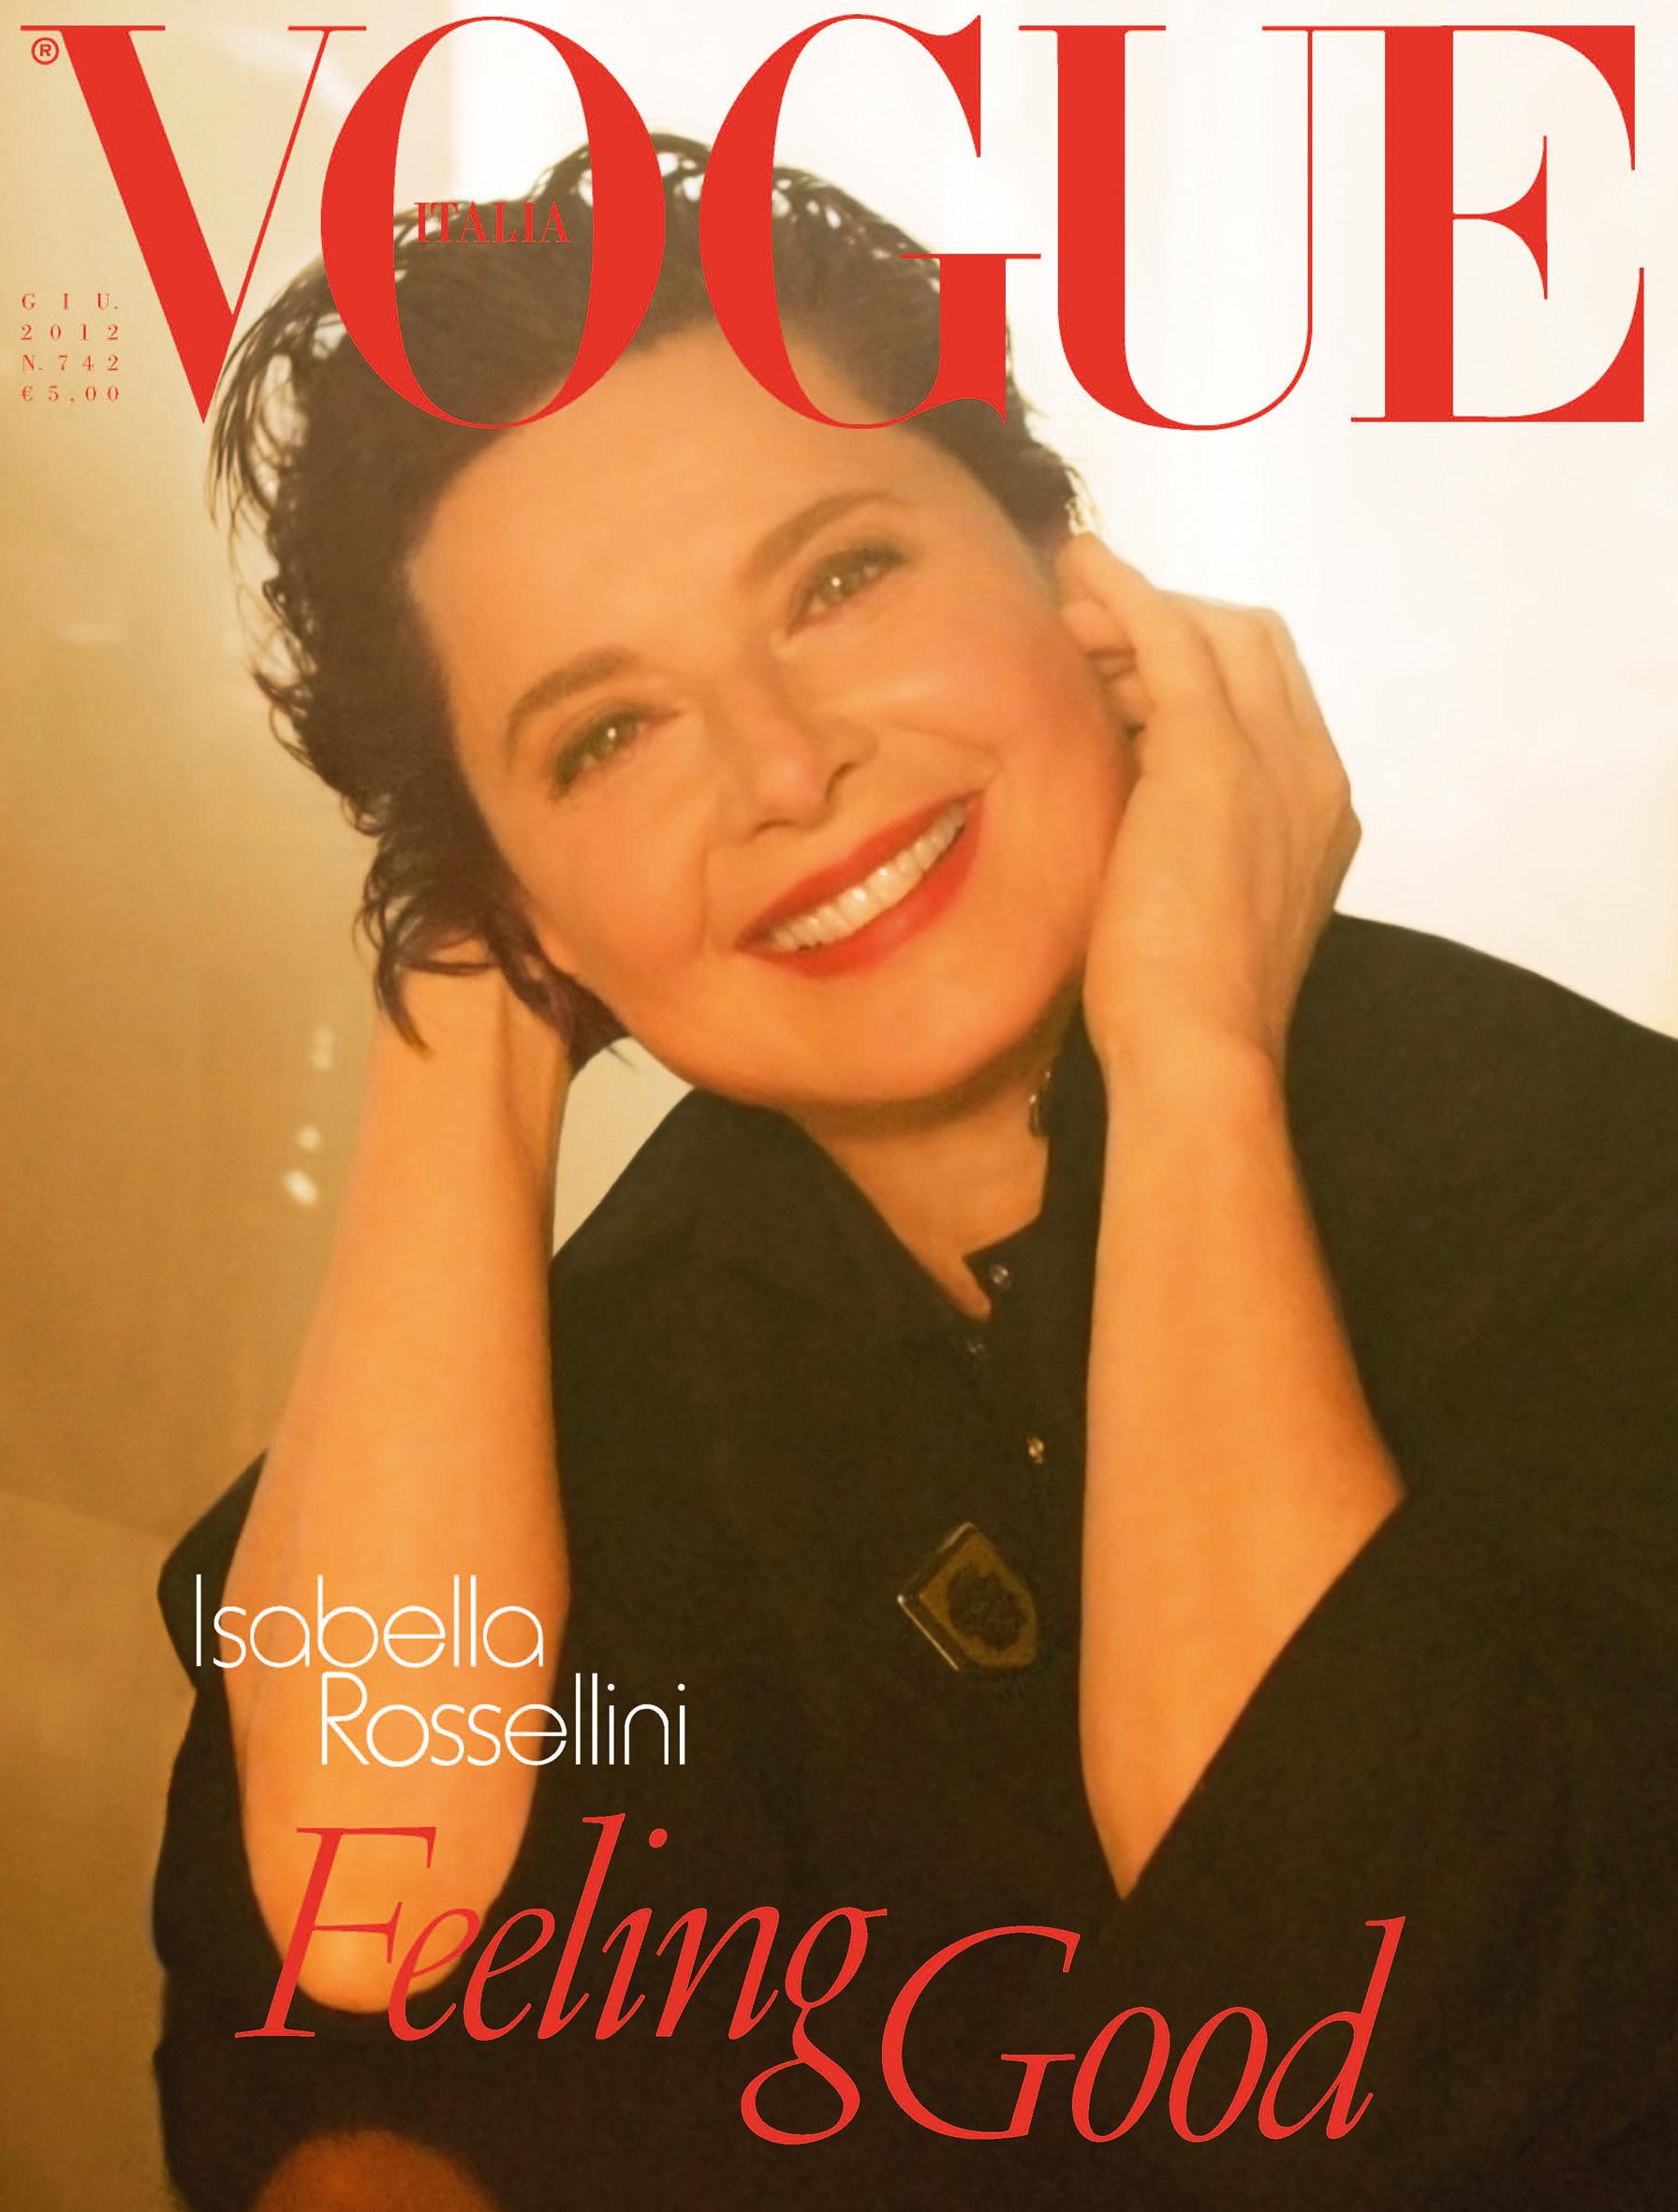 Vogue in campo contro l'anoressia delle modelle